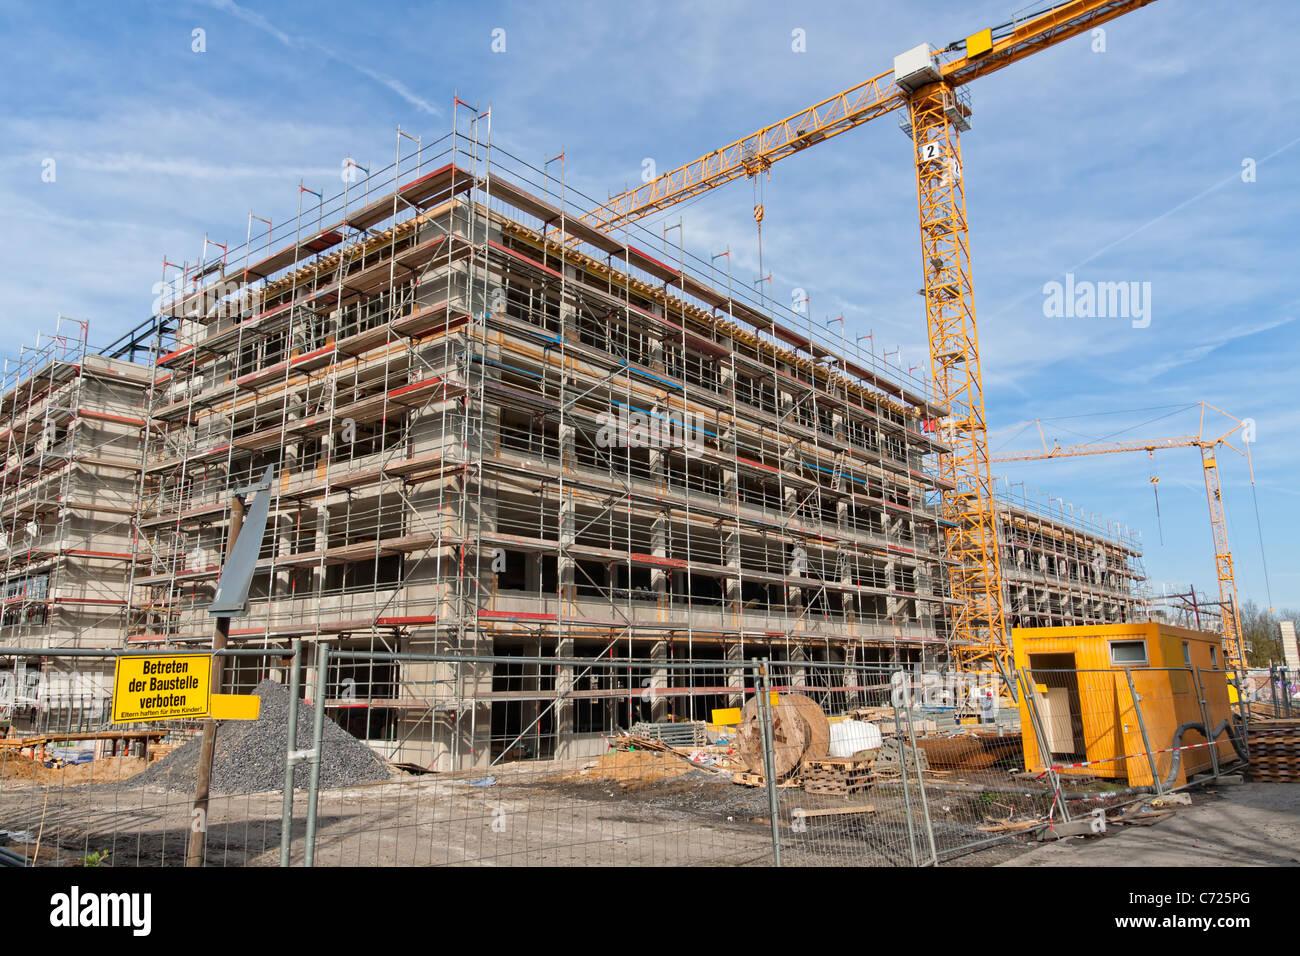 Gran sitio de construcción con un andamiaje institucional, grúa ...